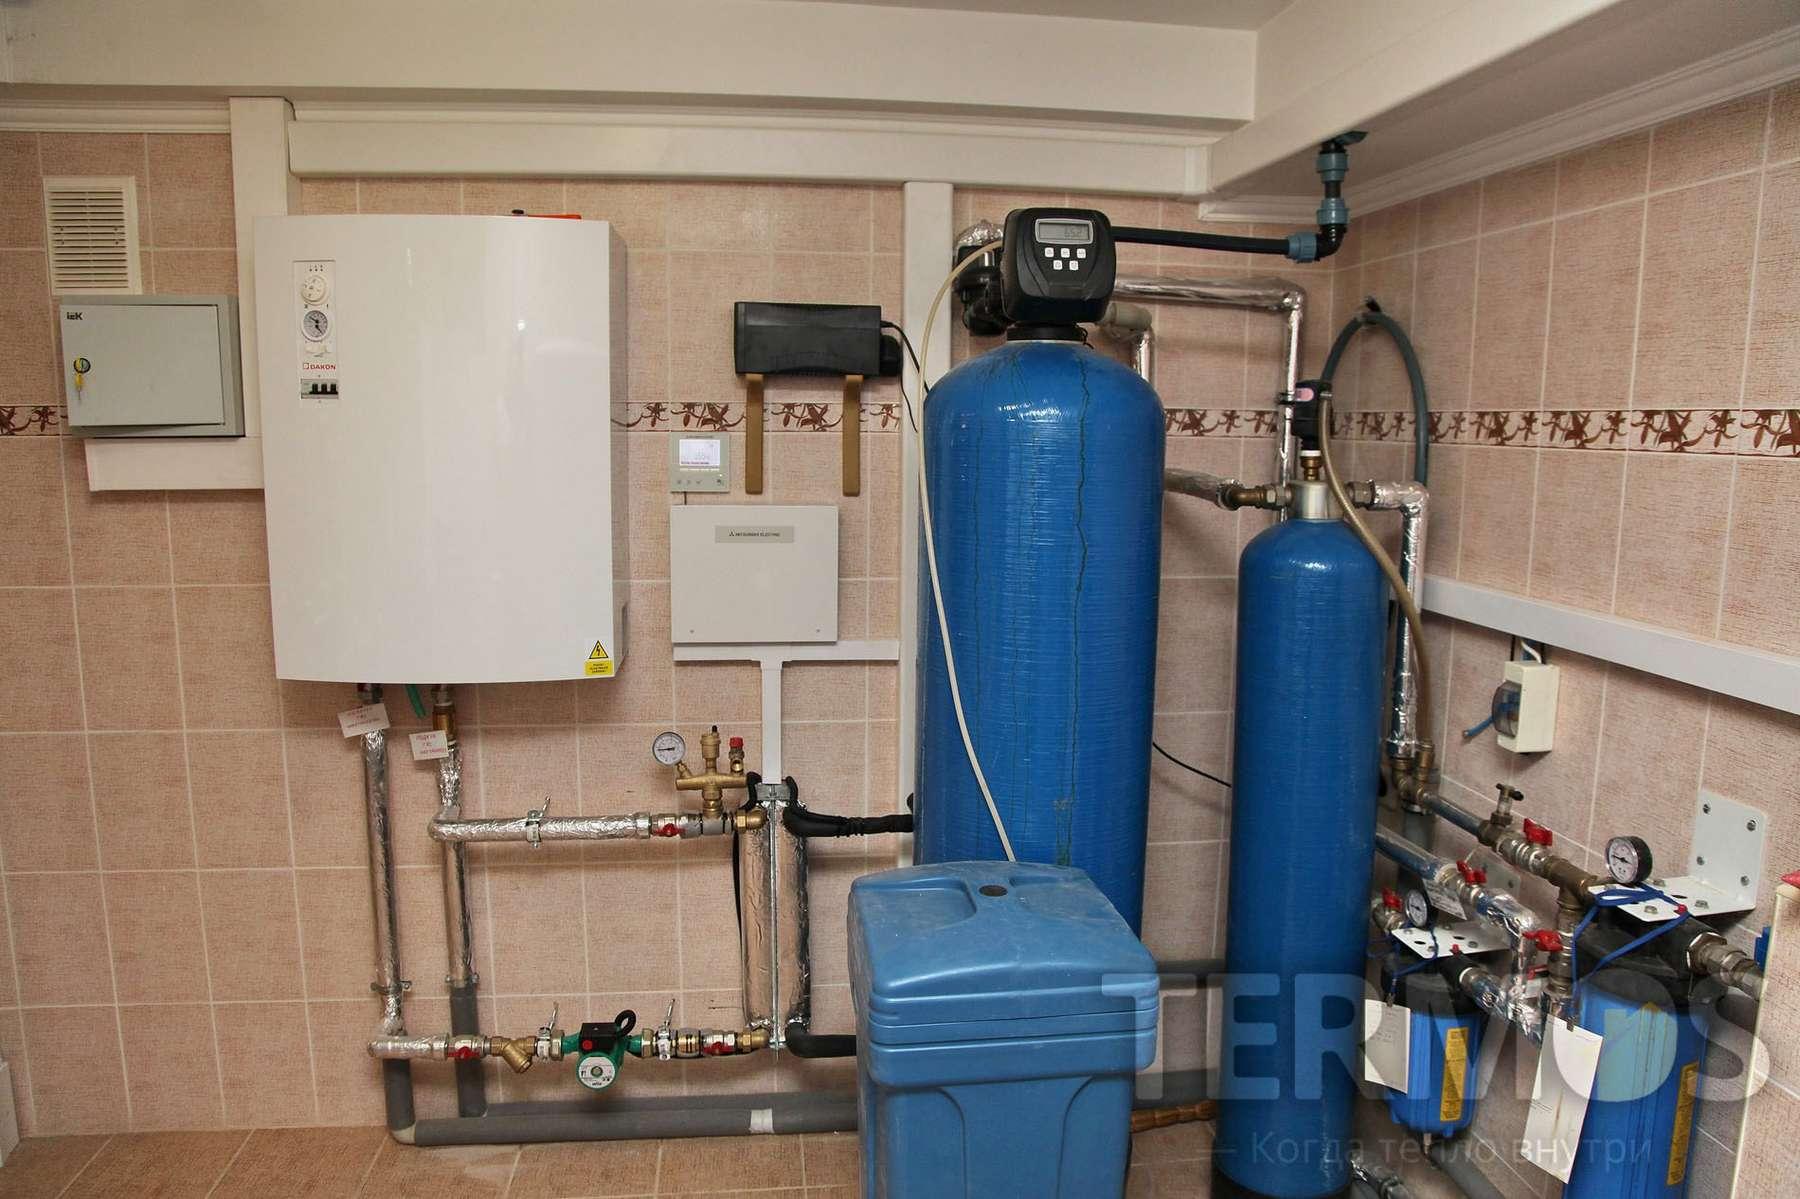 При температуре -11 ⁰С на улице, система автоматически переключается на конденсационный газовый котел